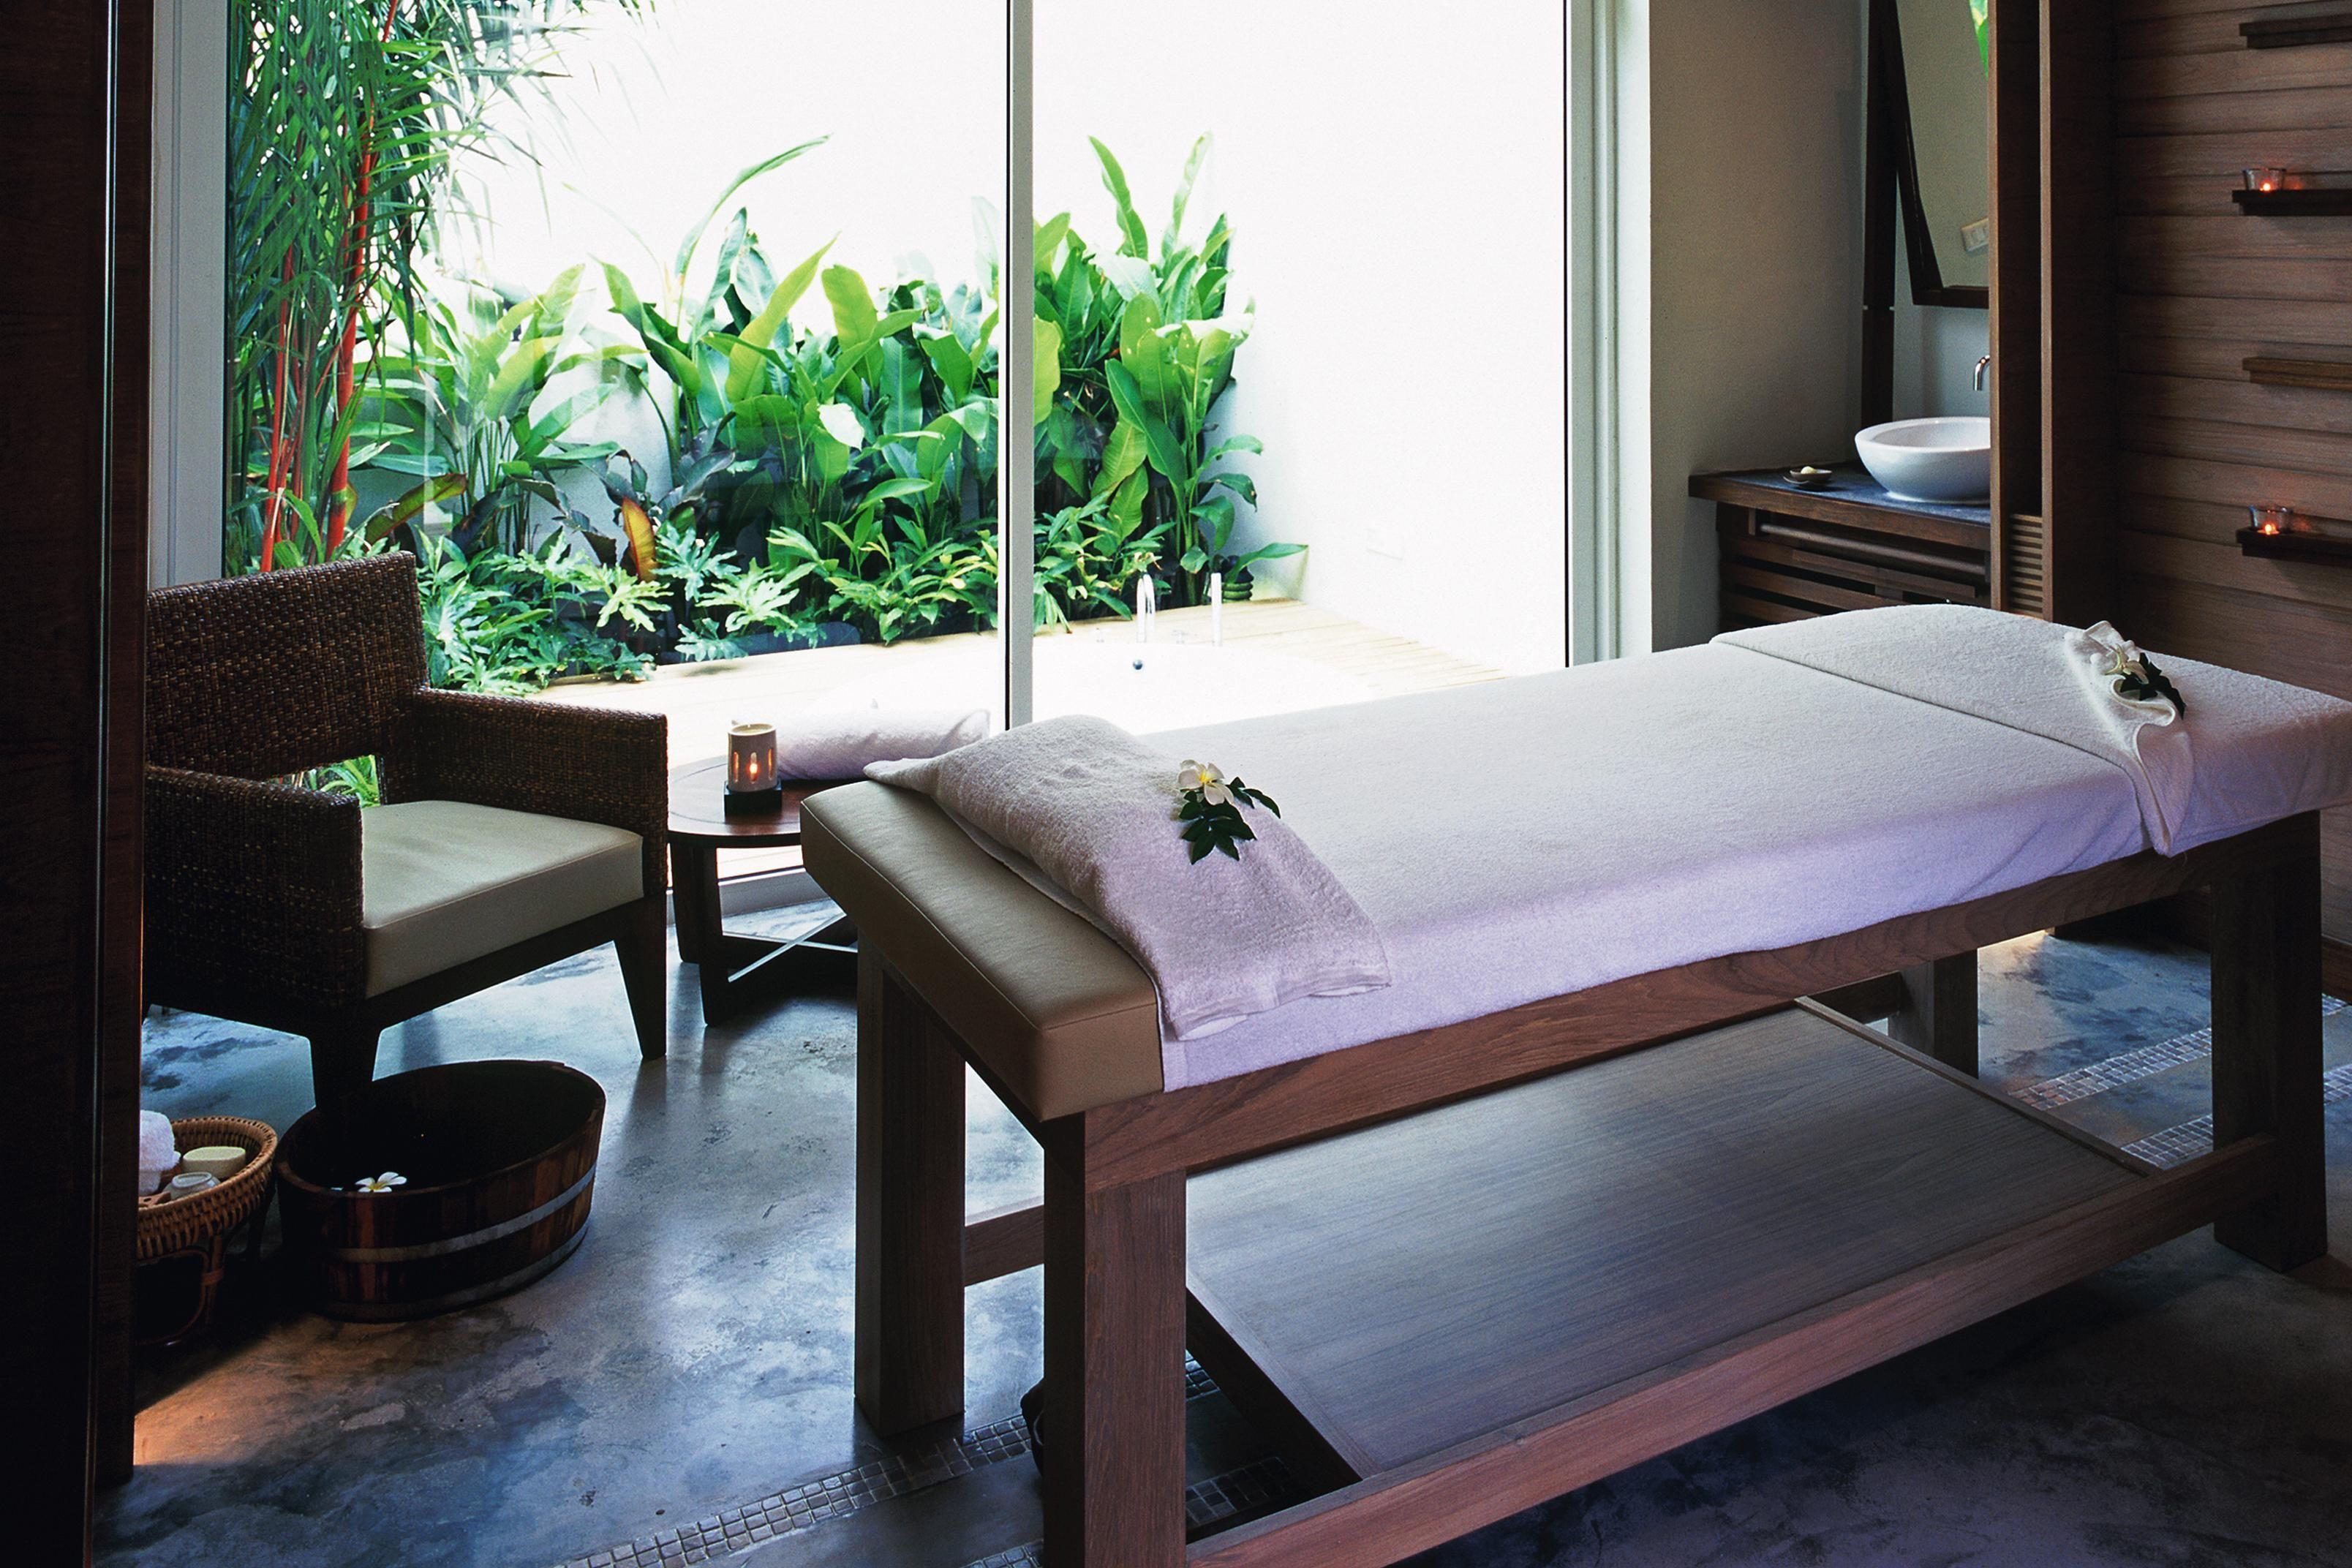 Table de massage - image